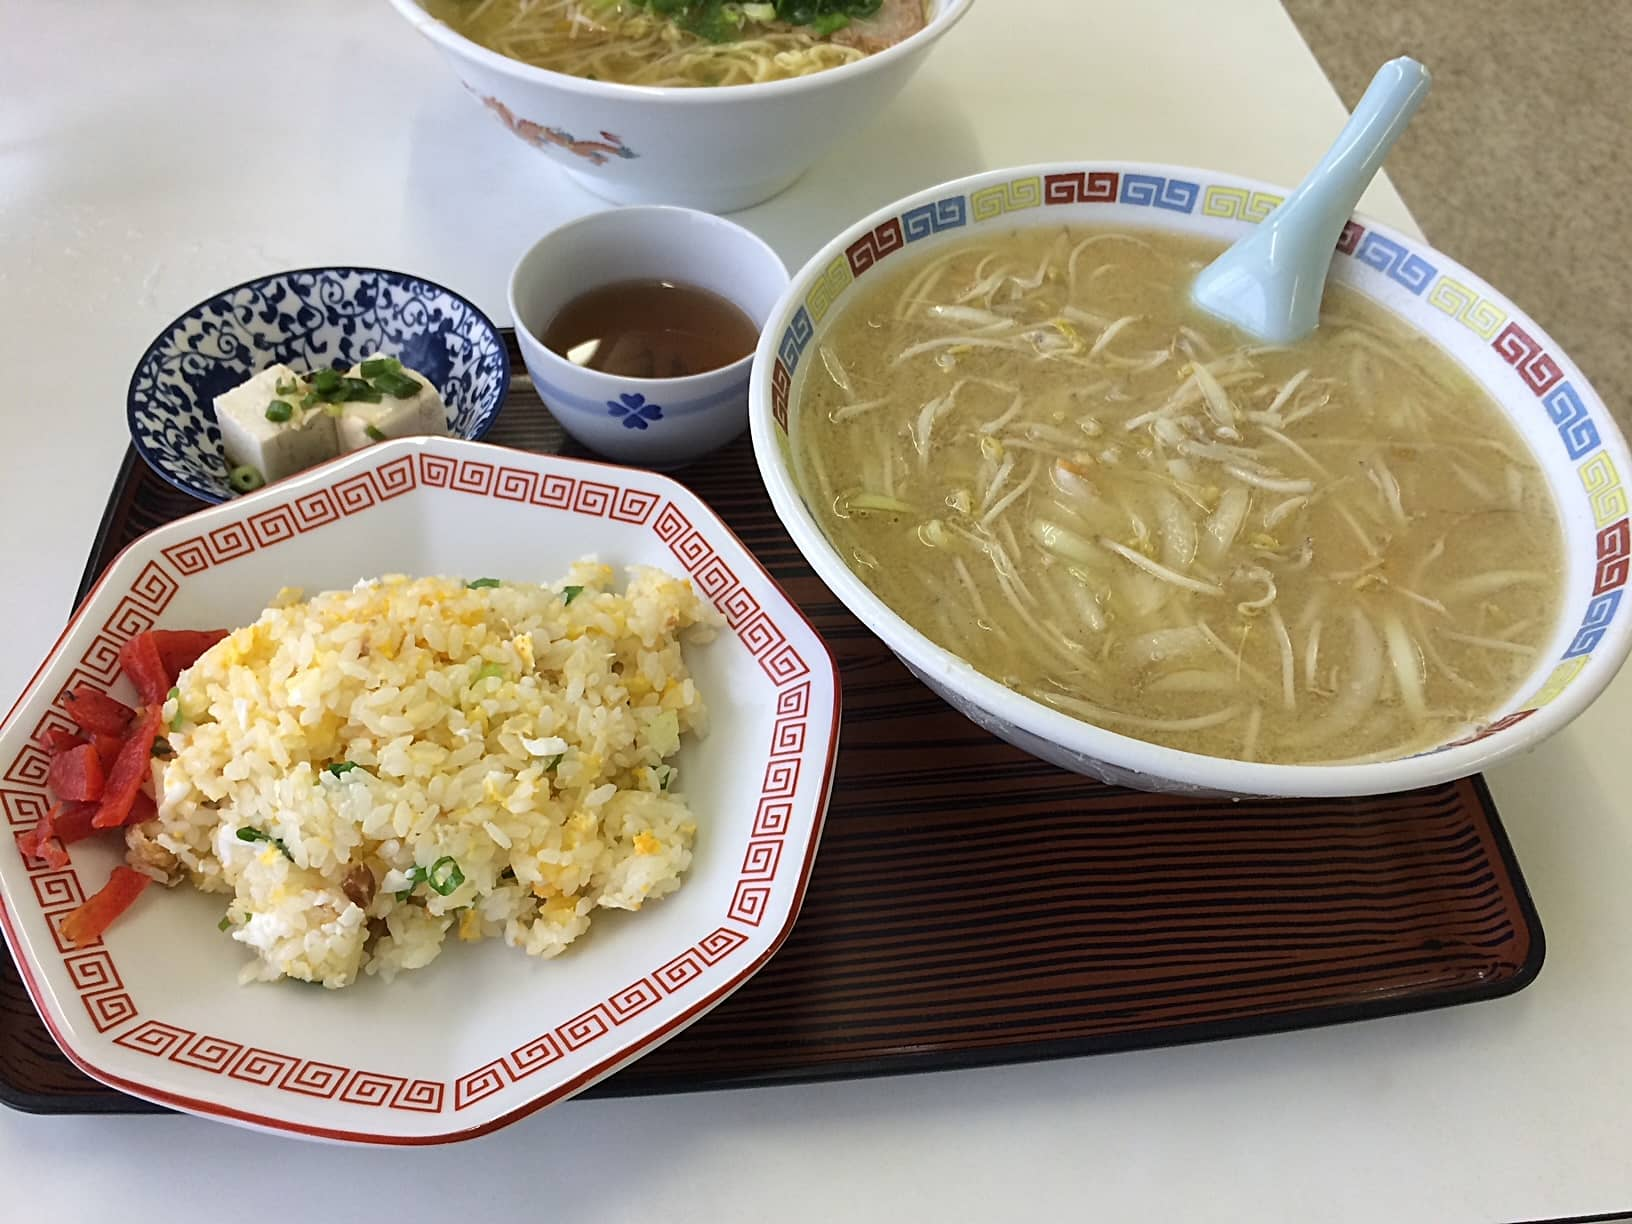 新幹線ラーメン 味噌・チャーハンセット